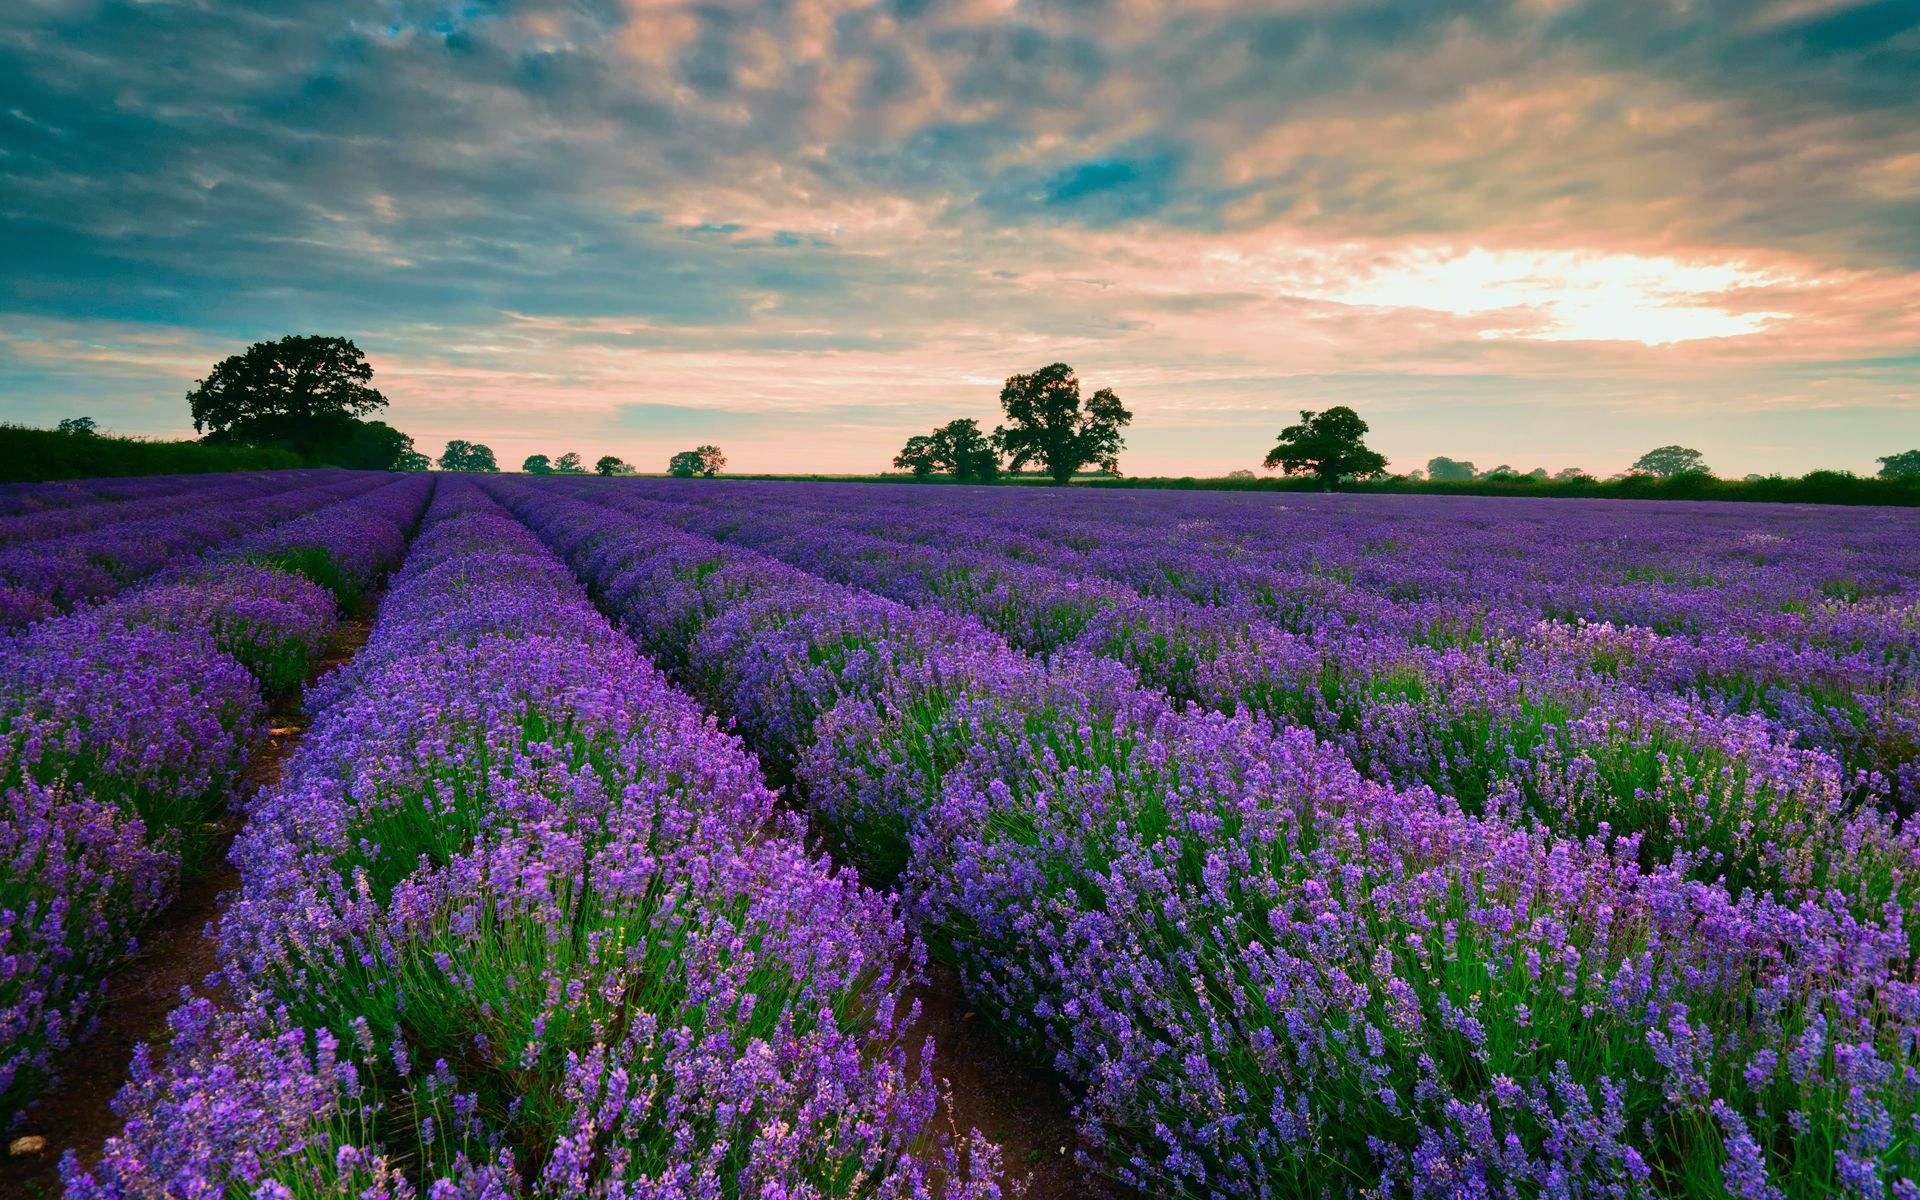 Purple fields of lavender wallpaper   1082921 1920x1200